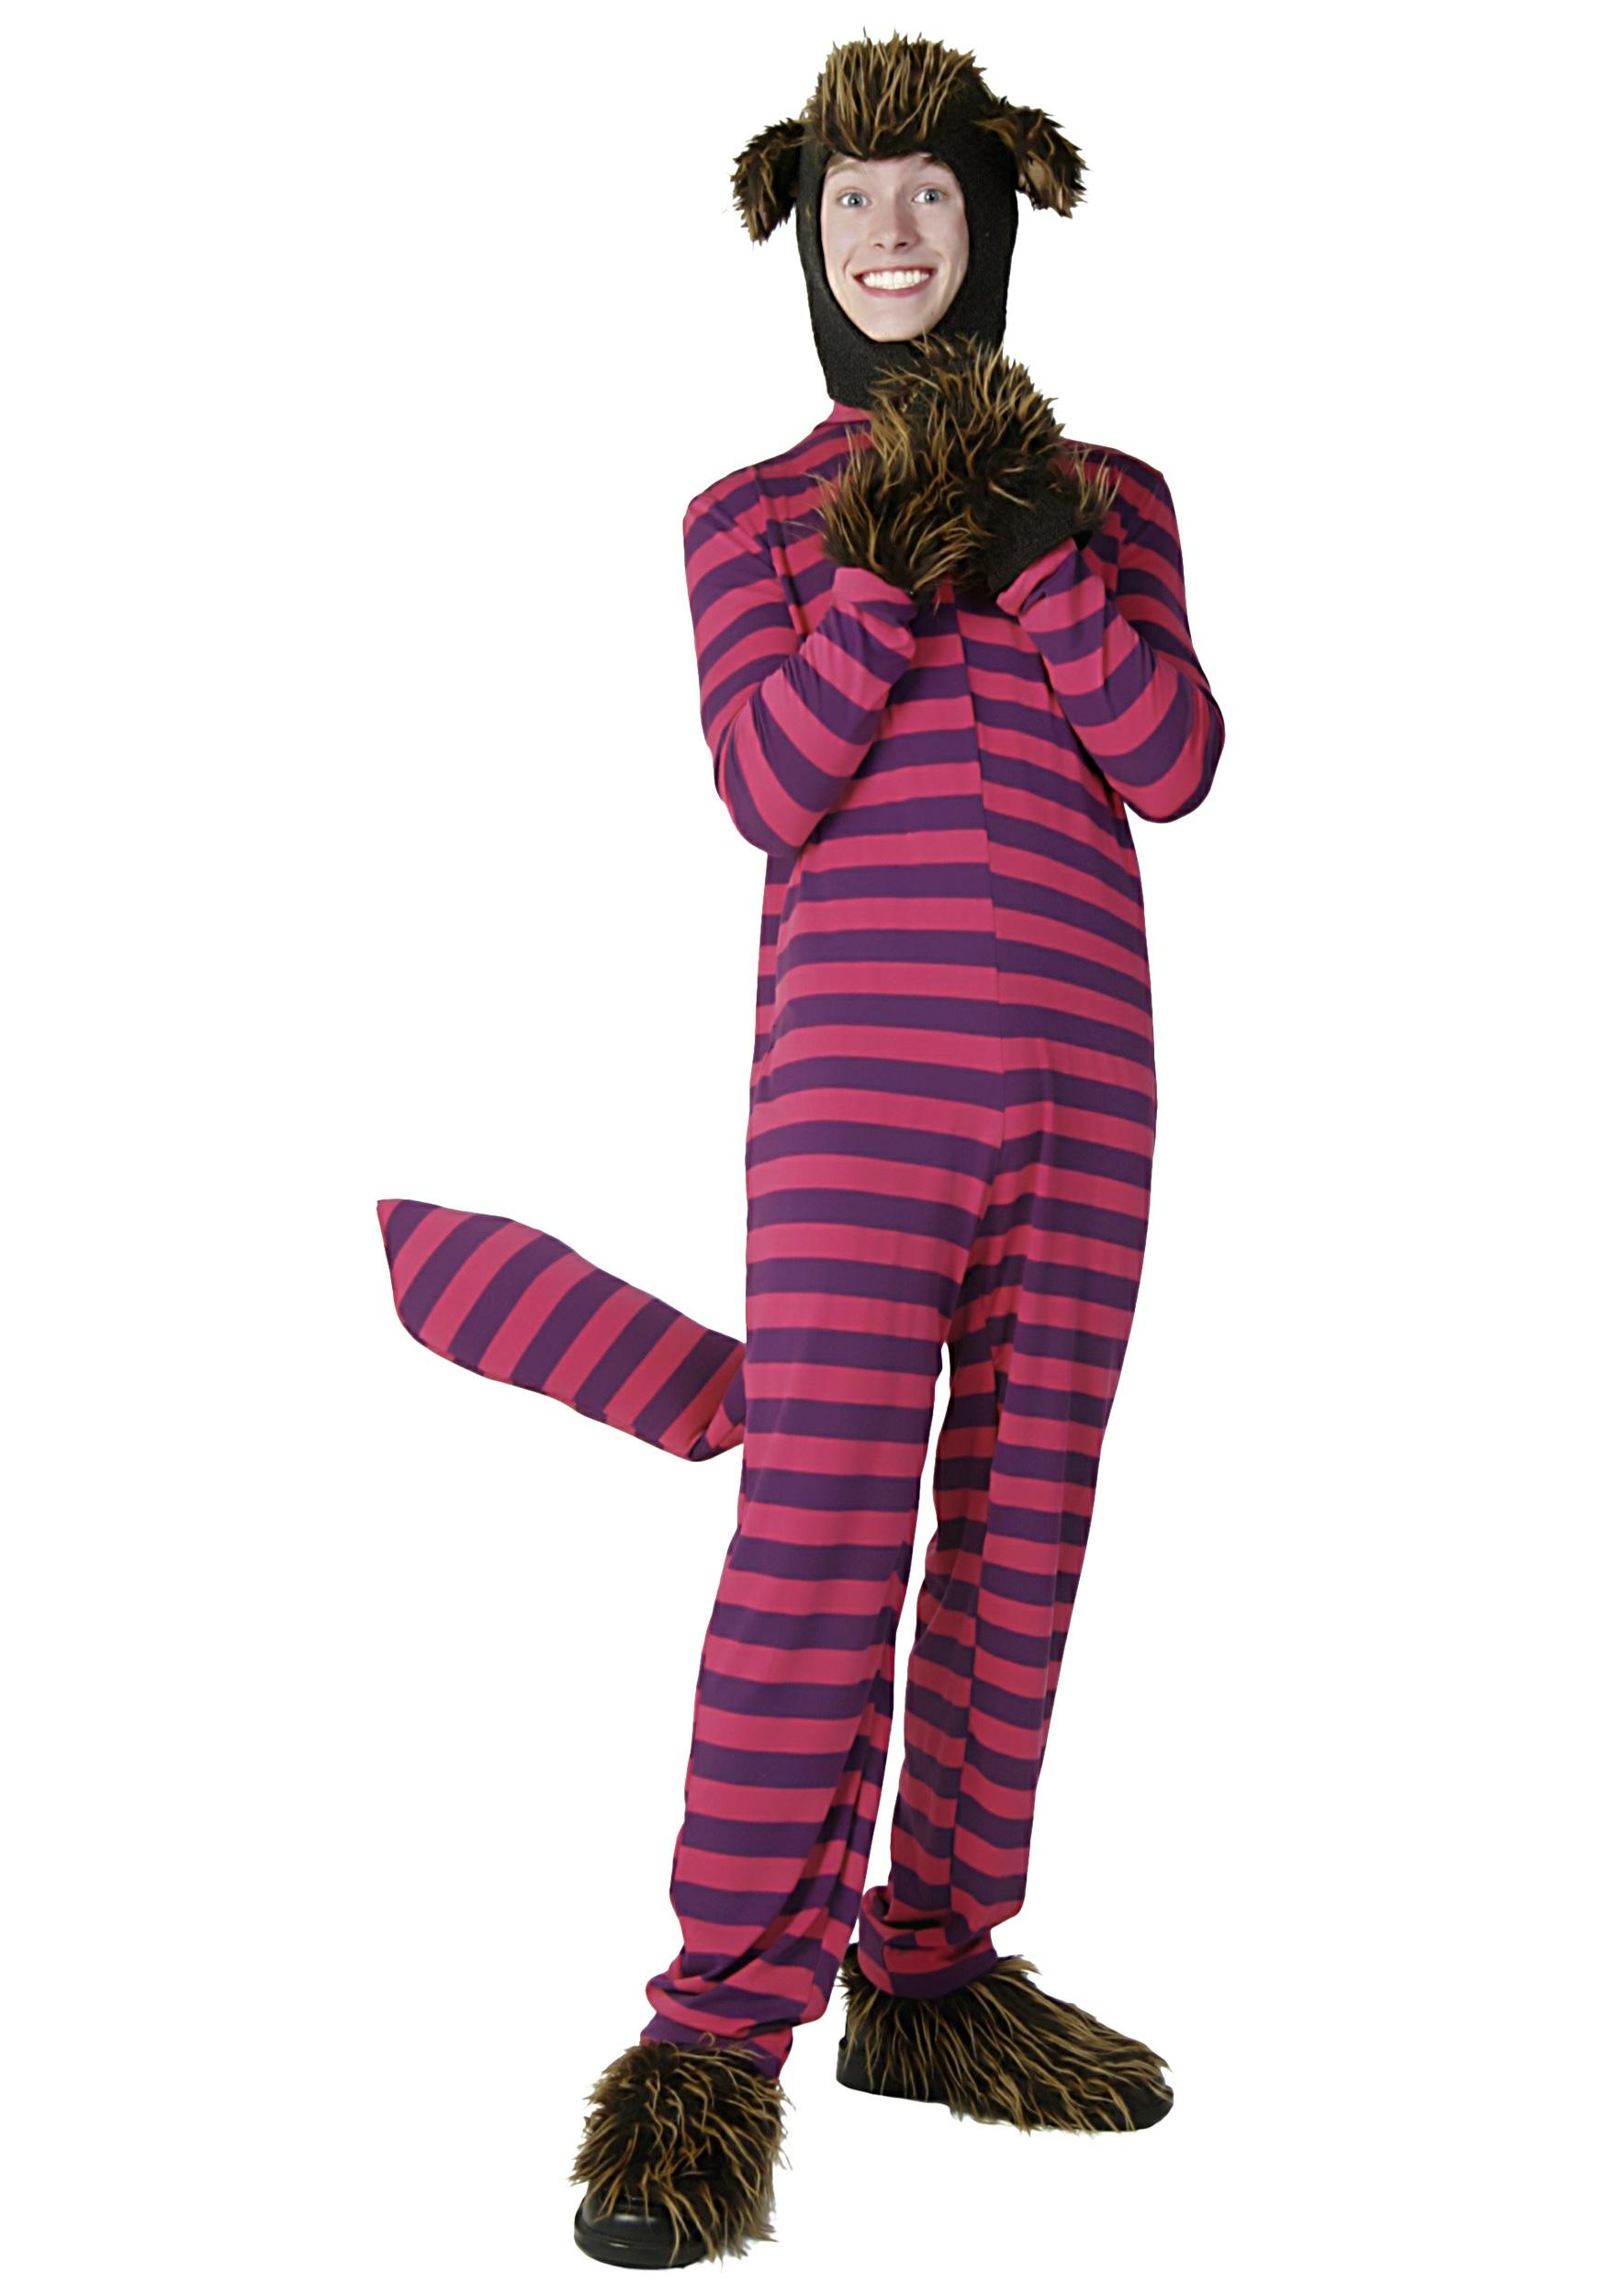 Teen Cheshire Cat Costume  sc 1 st  Halloween Costumes & Teen Cheshire Cat Costume - Halloween Costumes